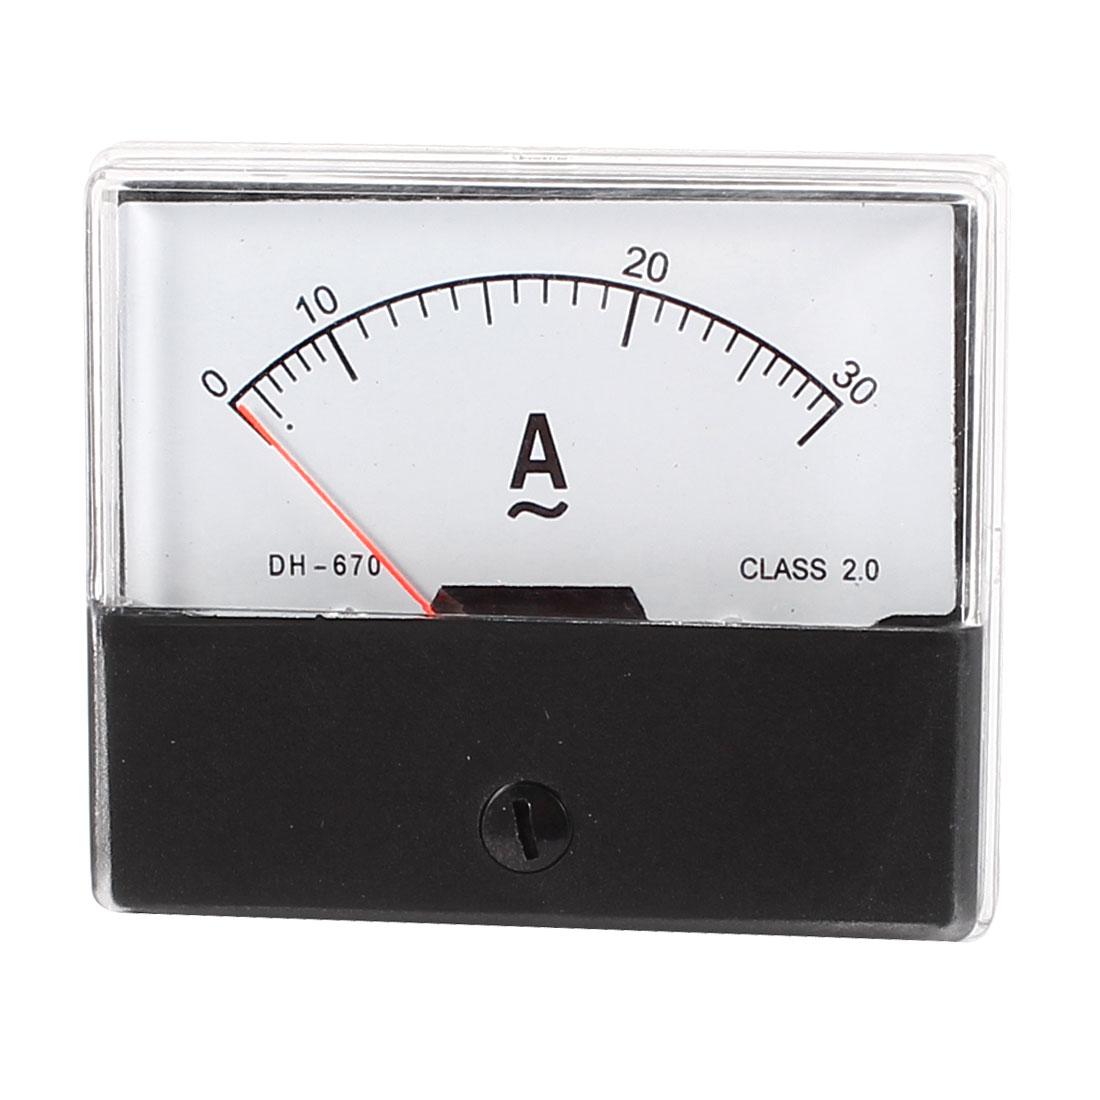 Indicateur panneau Rectangle analogique actuel outil mesure ampèremètre AC 30A - image 2 de 2